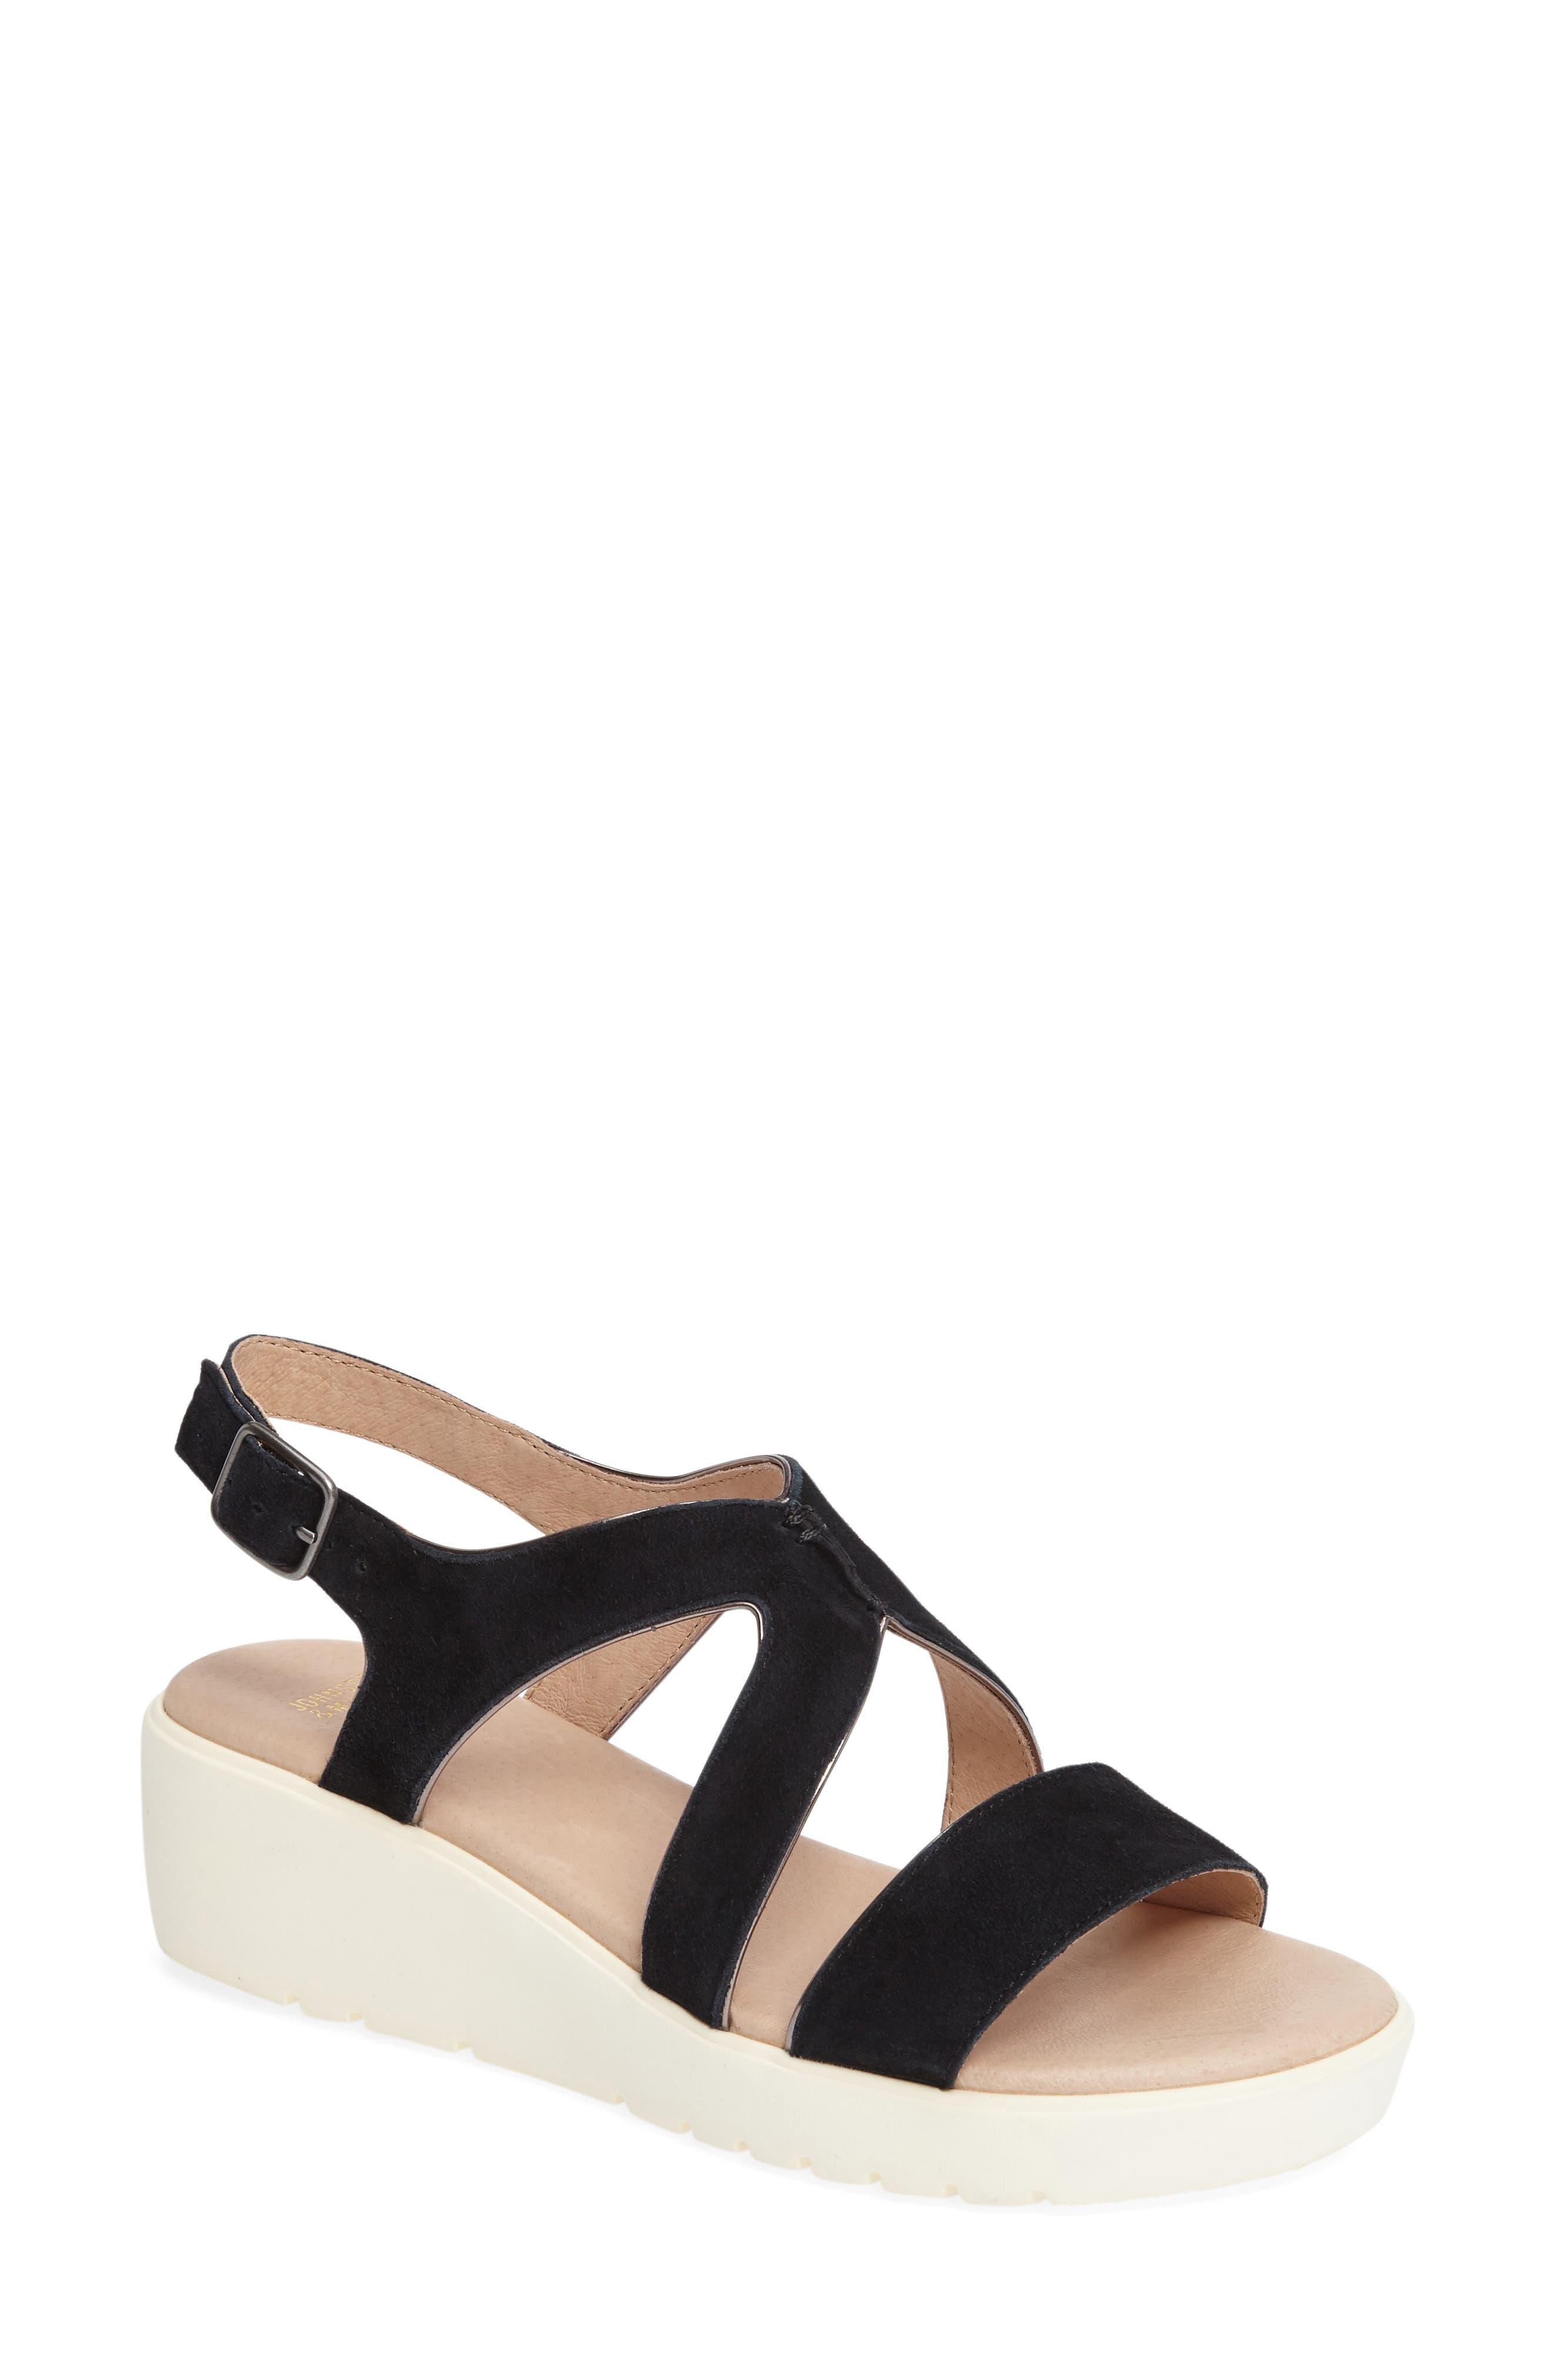 Cora Sport Sandal,                         Main,                         color, 001